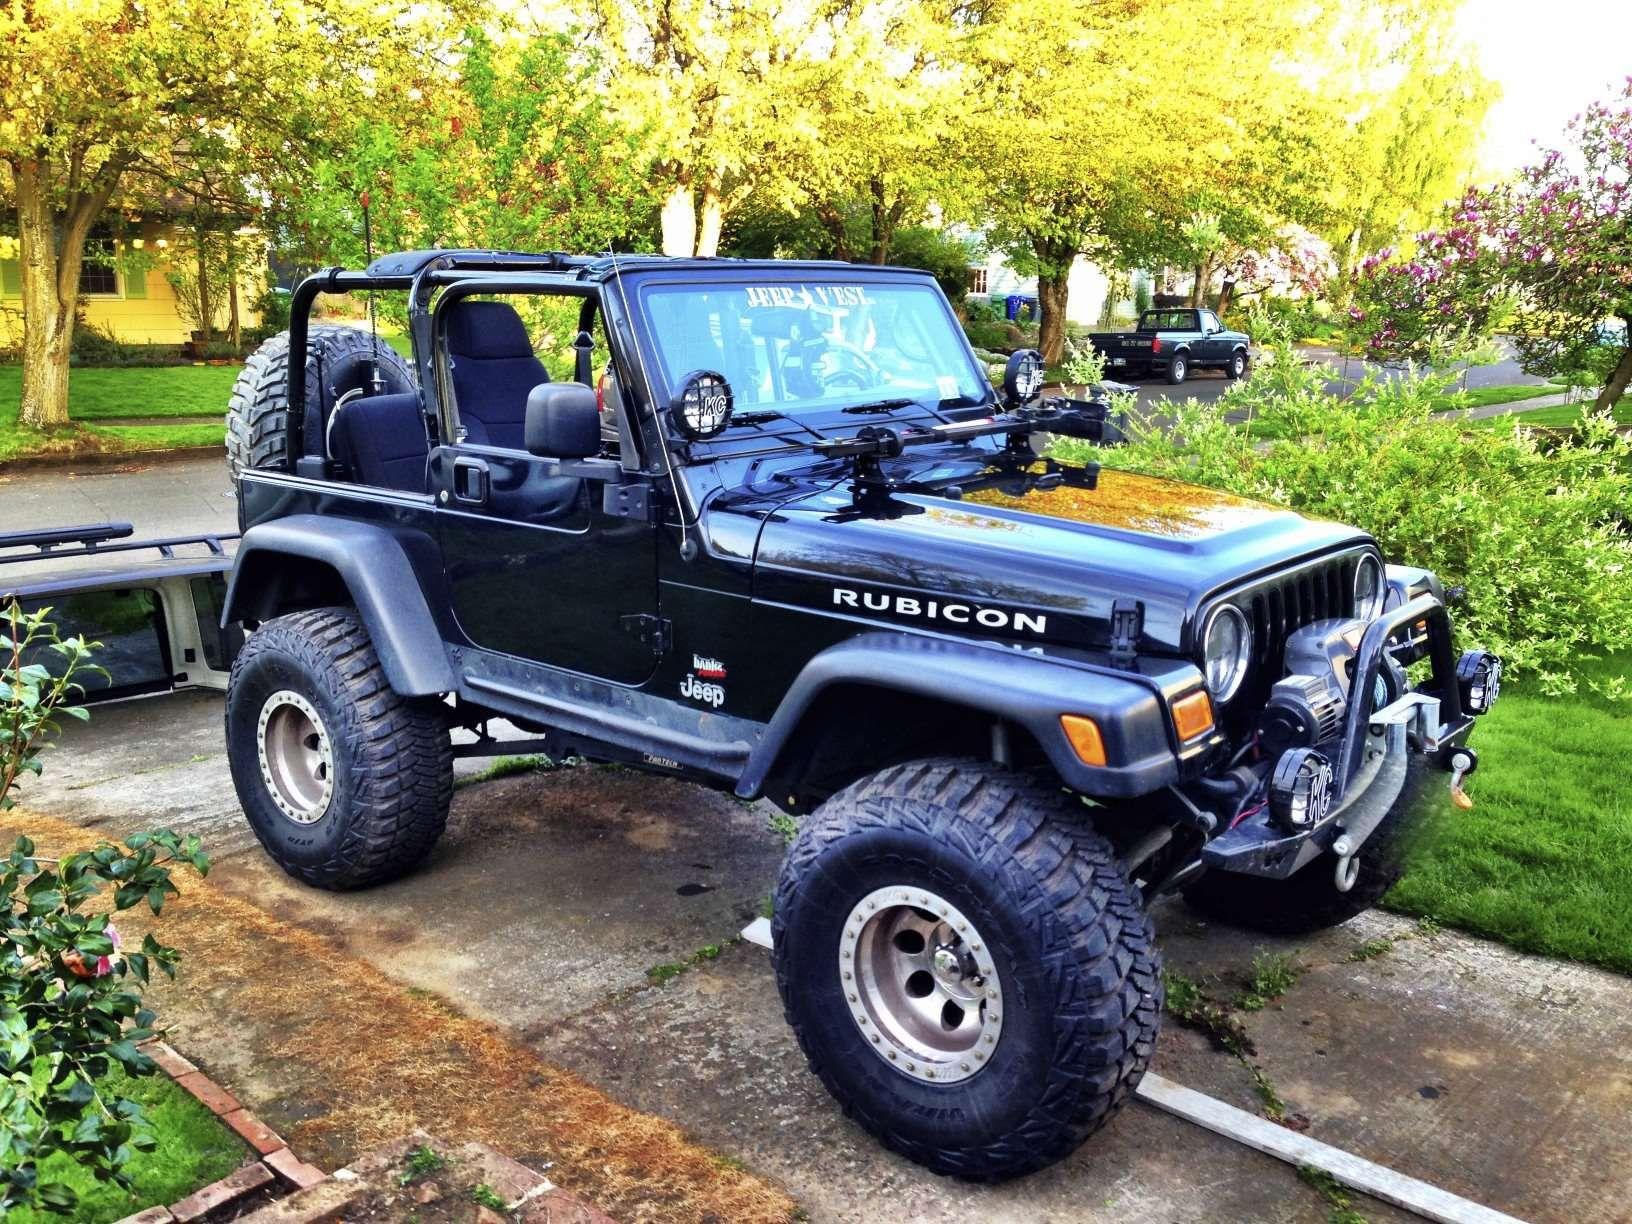 make jeep model wrangler year 2004 exterior color black interior color black doors two. Black Bedroom Furniture Sets. Home Design Ideas